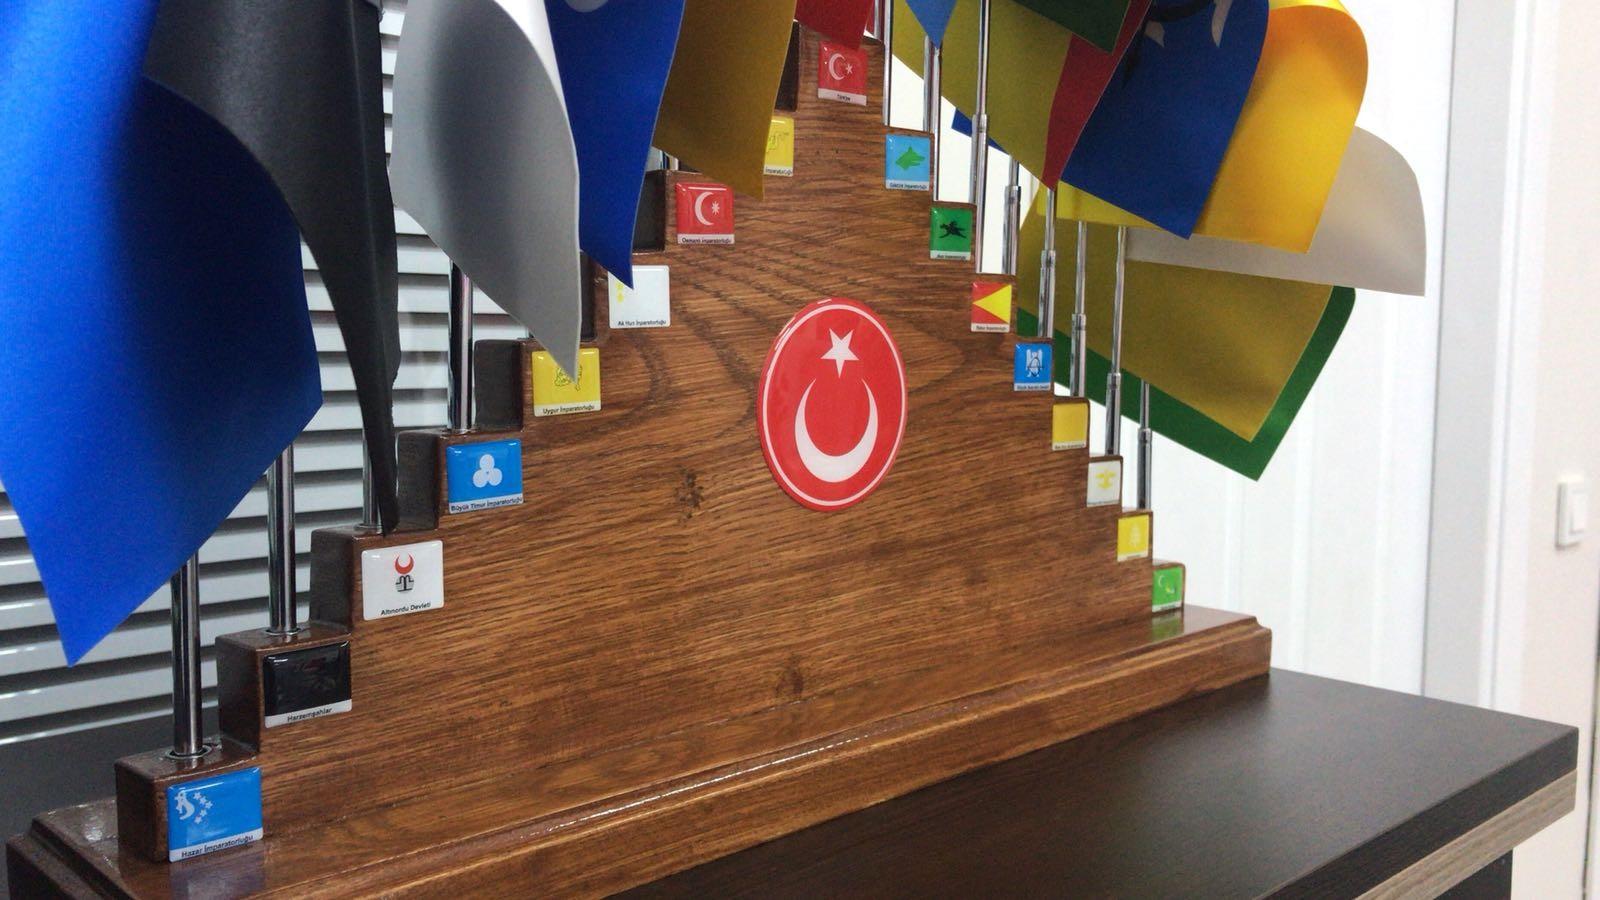 Masa Bayrak Üretimi, Kadıköy İstanbul, masa bayrak, satış, masa bayrak Ümraniye, masa bayrak imalatı, masa bayrağı, masa bayrakları, masa bayrak satışı 7.24 SAAT AÇIK HİZMET